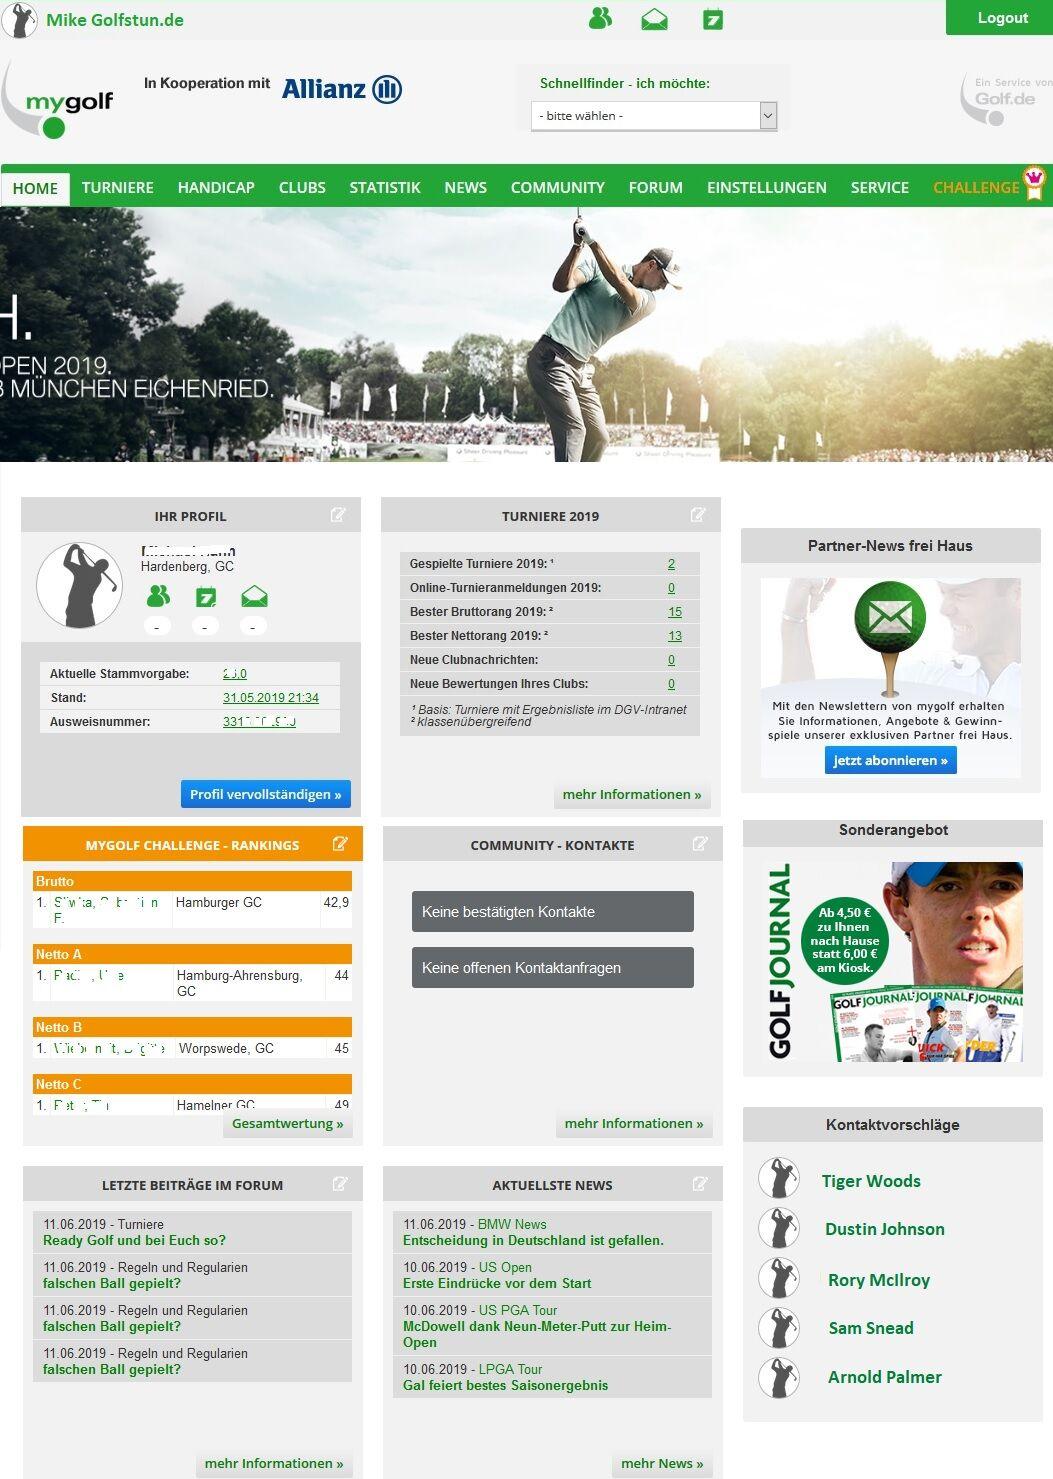 mygolf dashboard - MyGolf.de – Das bietet das Service-Portal des DGV